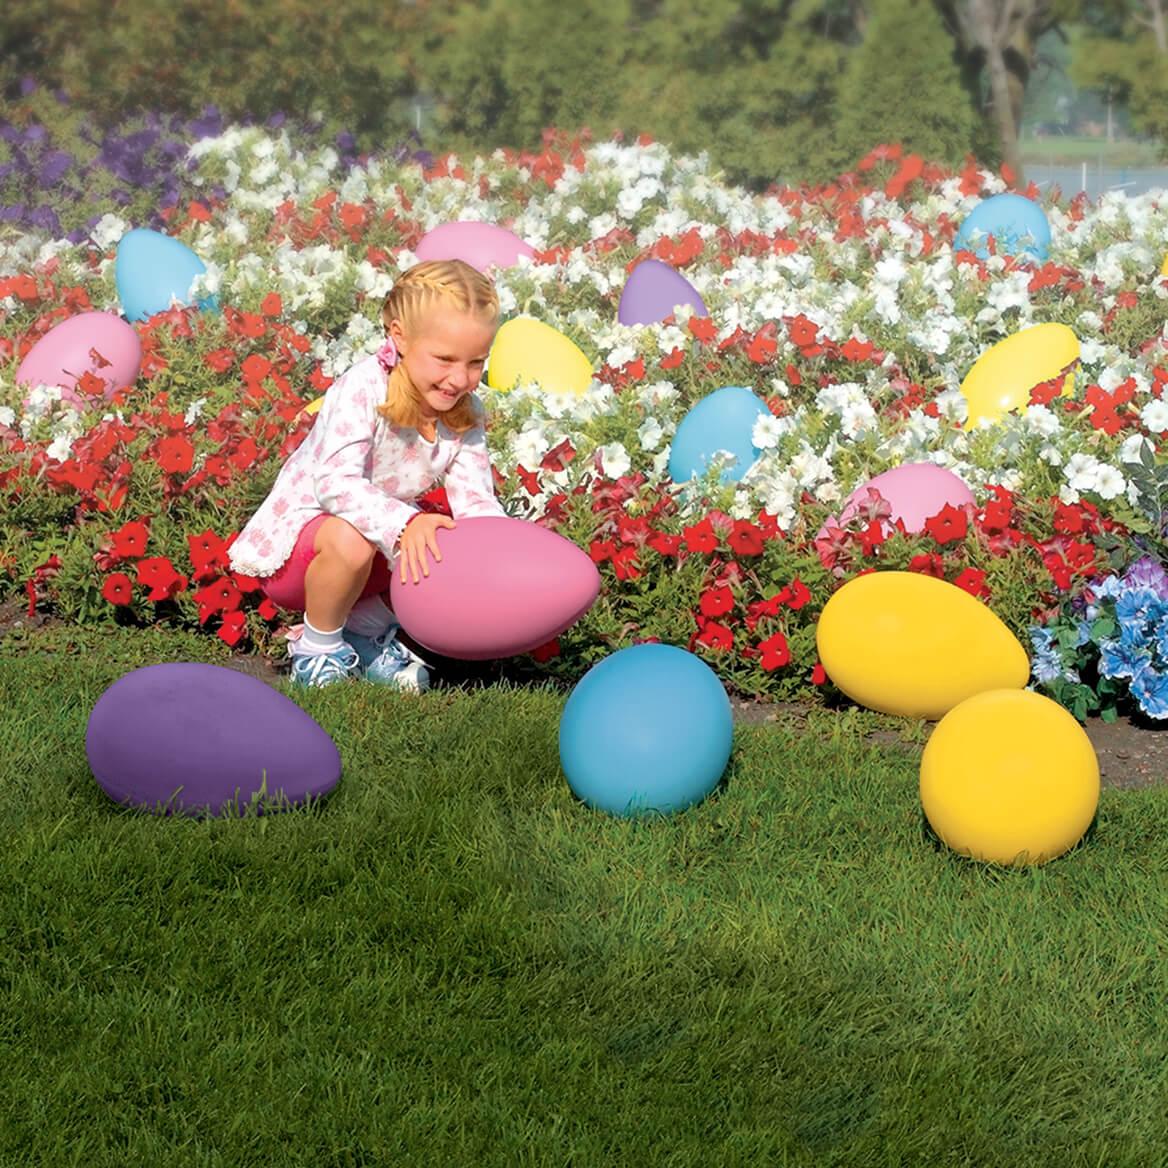 Giant Plastic Egg                               XL-309963